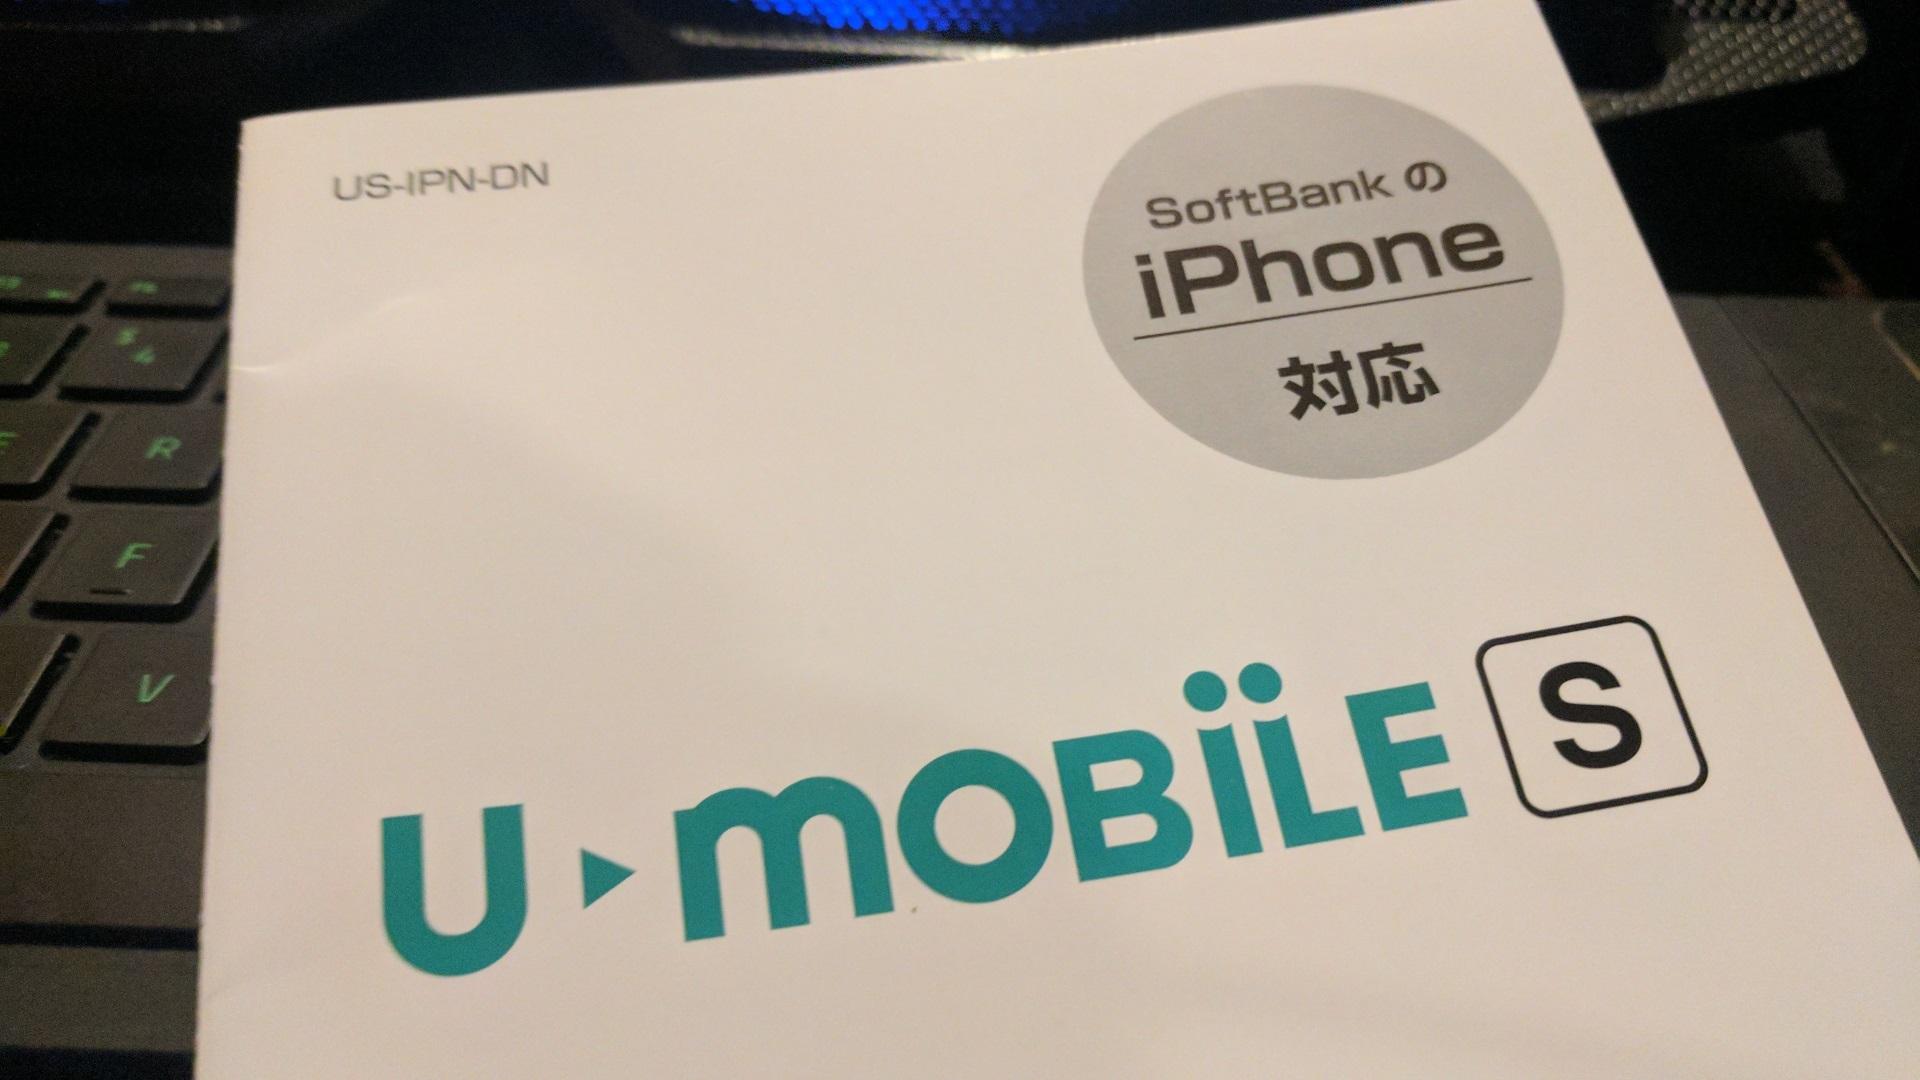 【備忘録】日本通信「開幕SIM」とU-NEXT「U-mobile S」のAPN